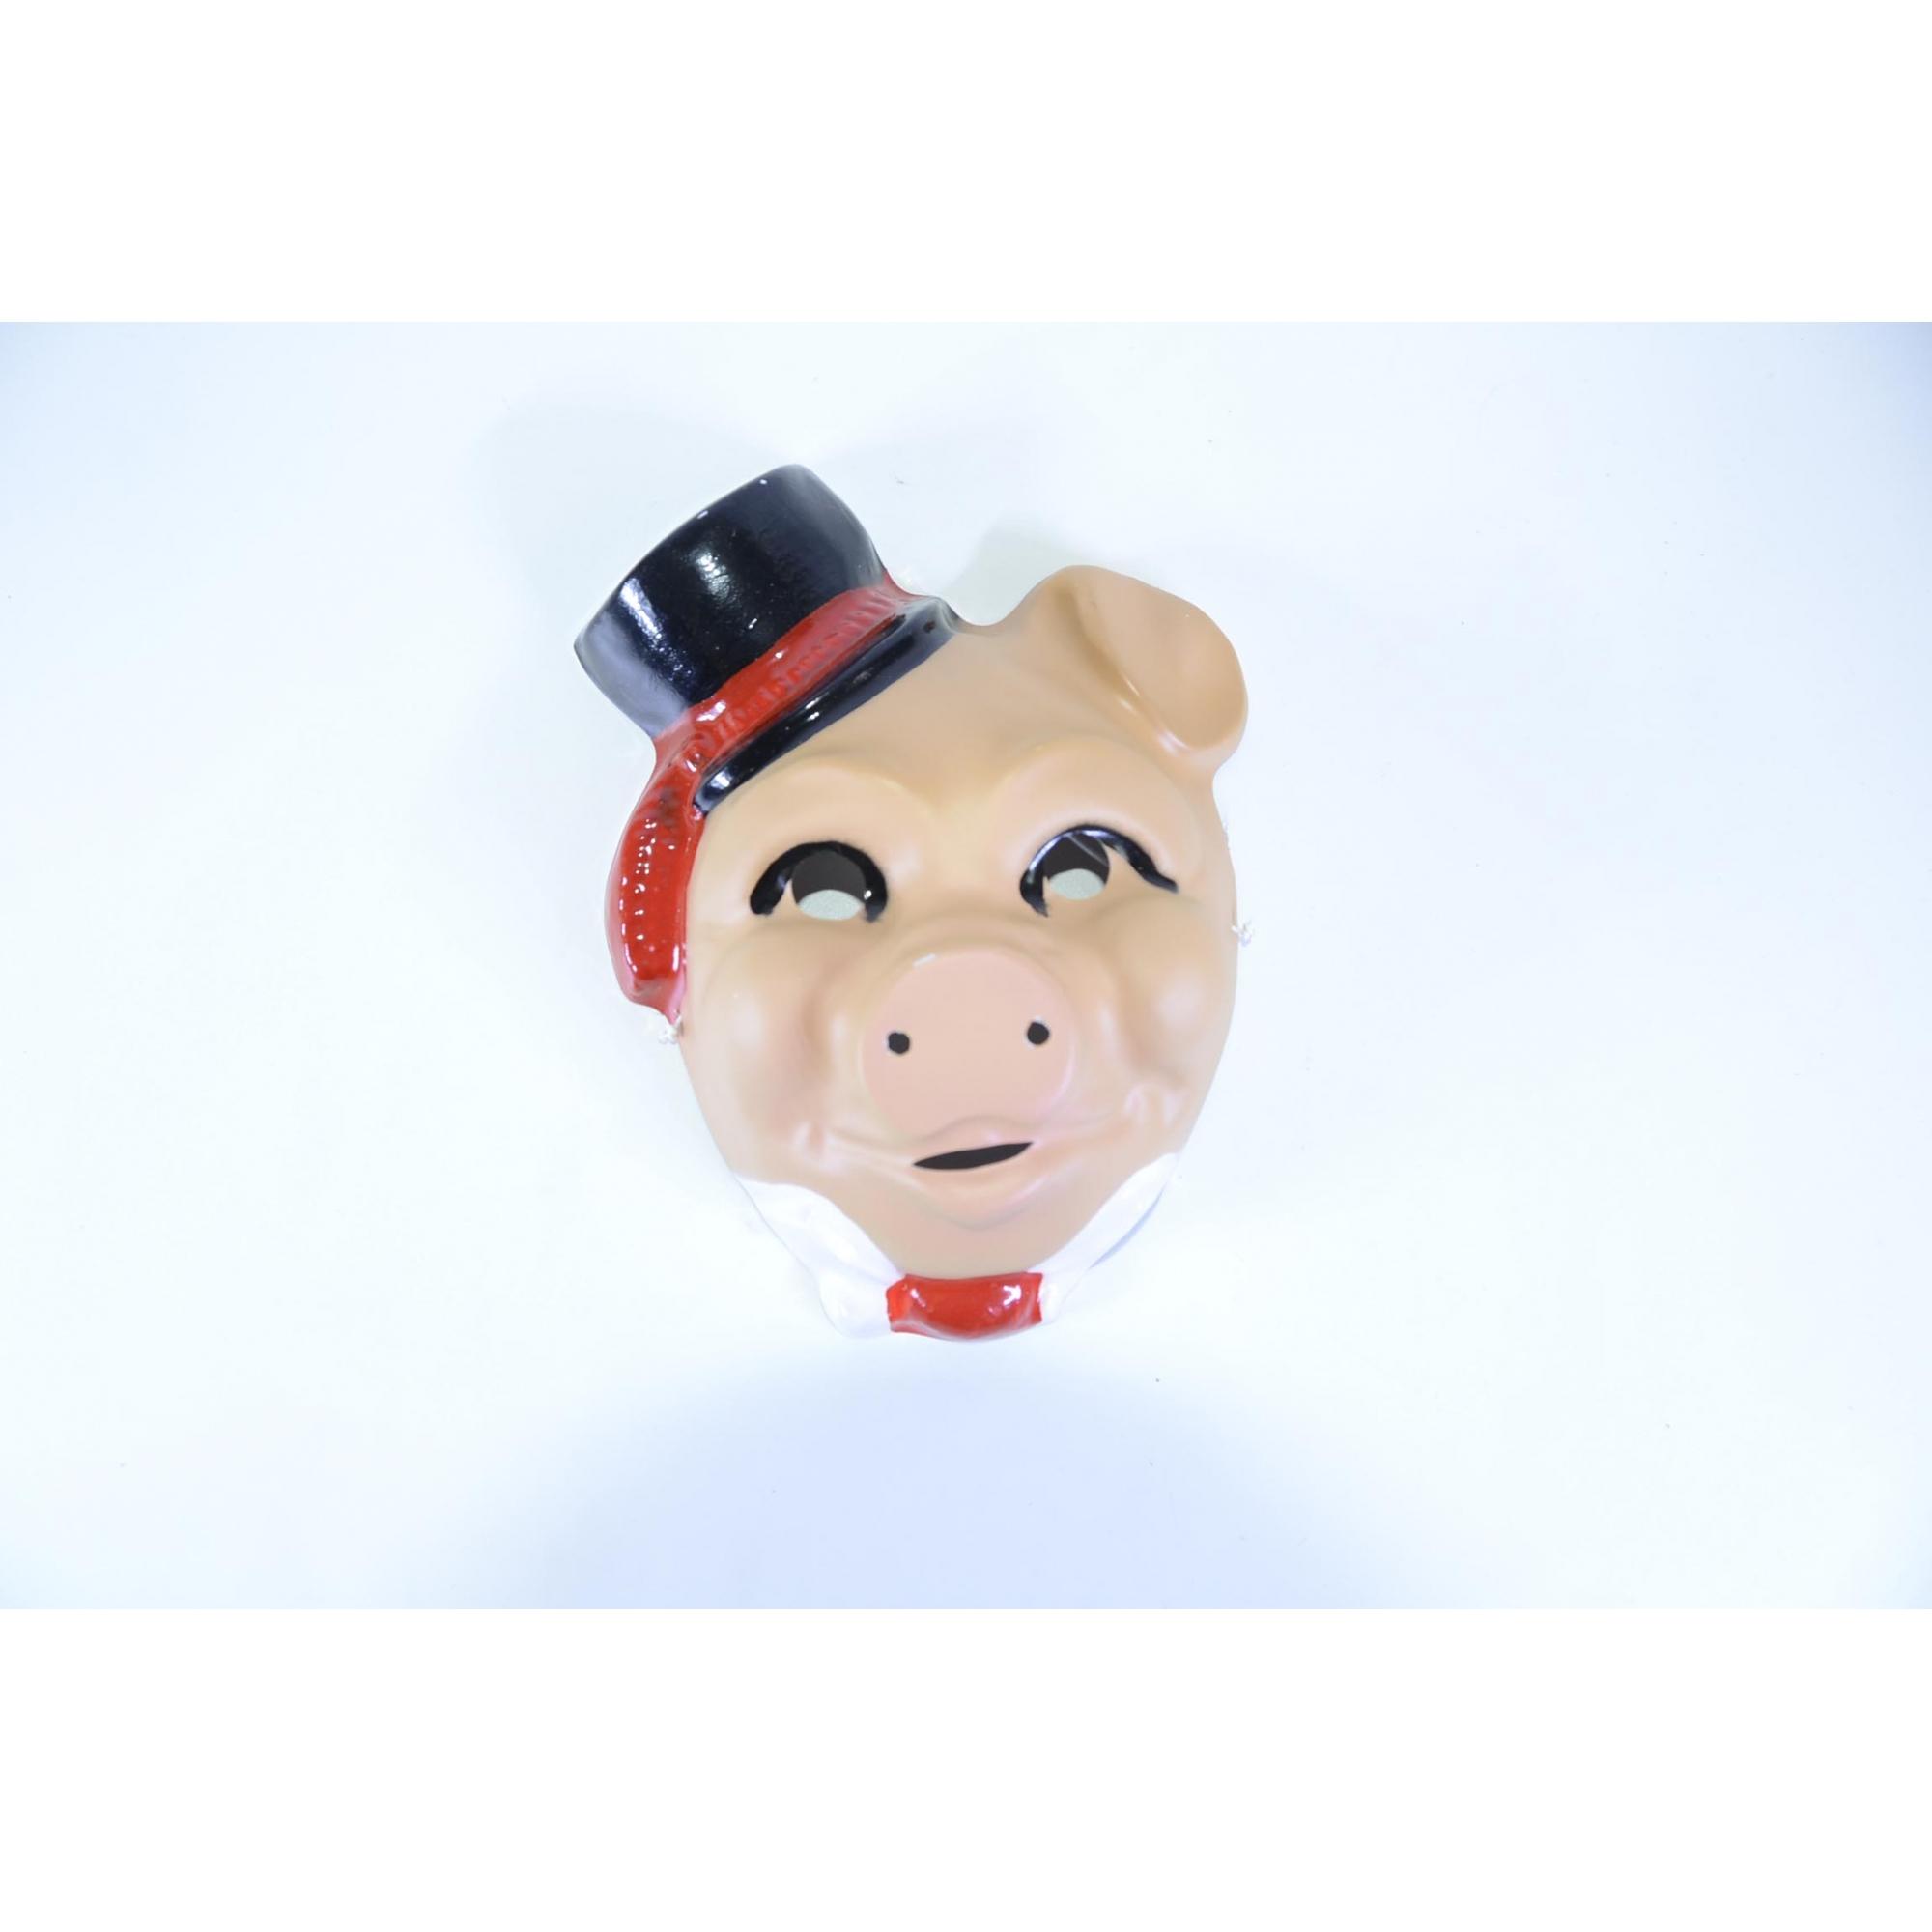 Máscara Porco Cartola